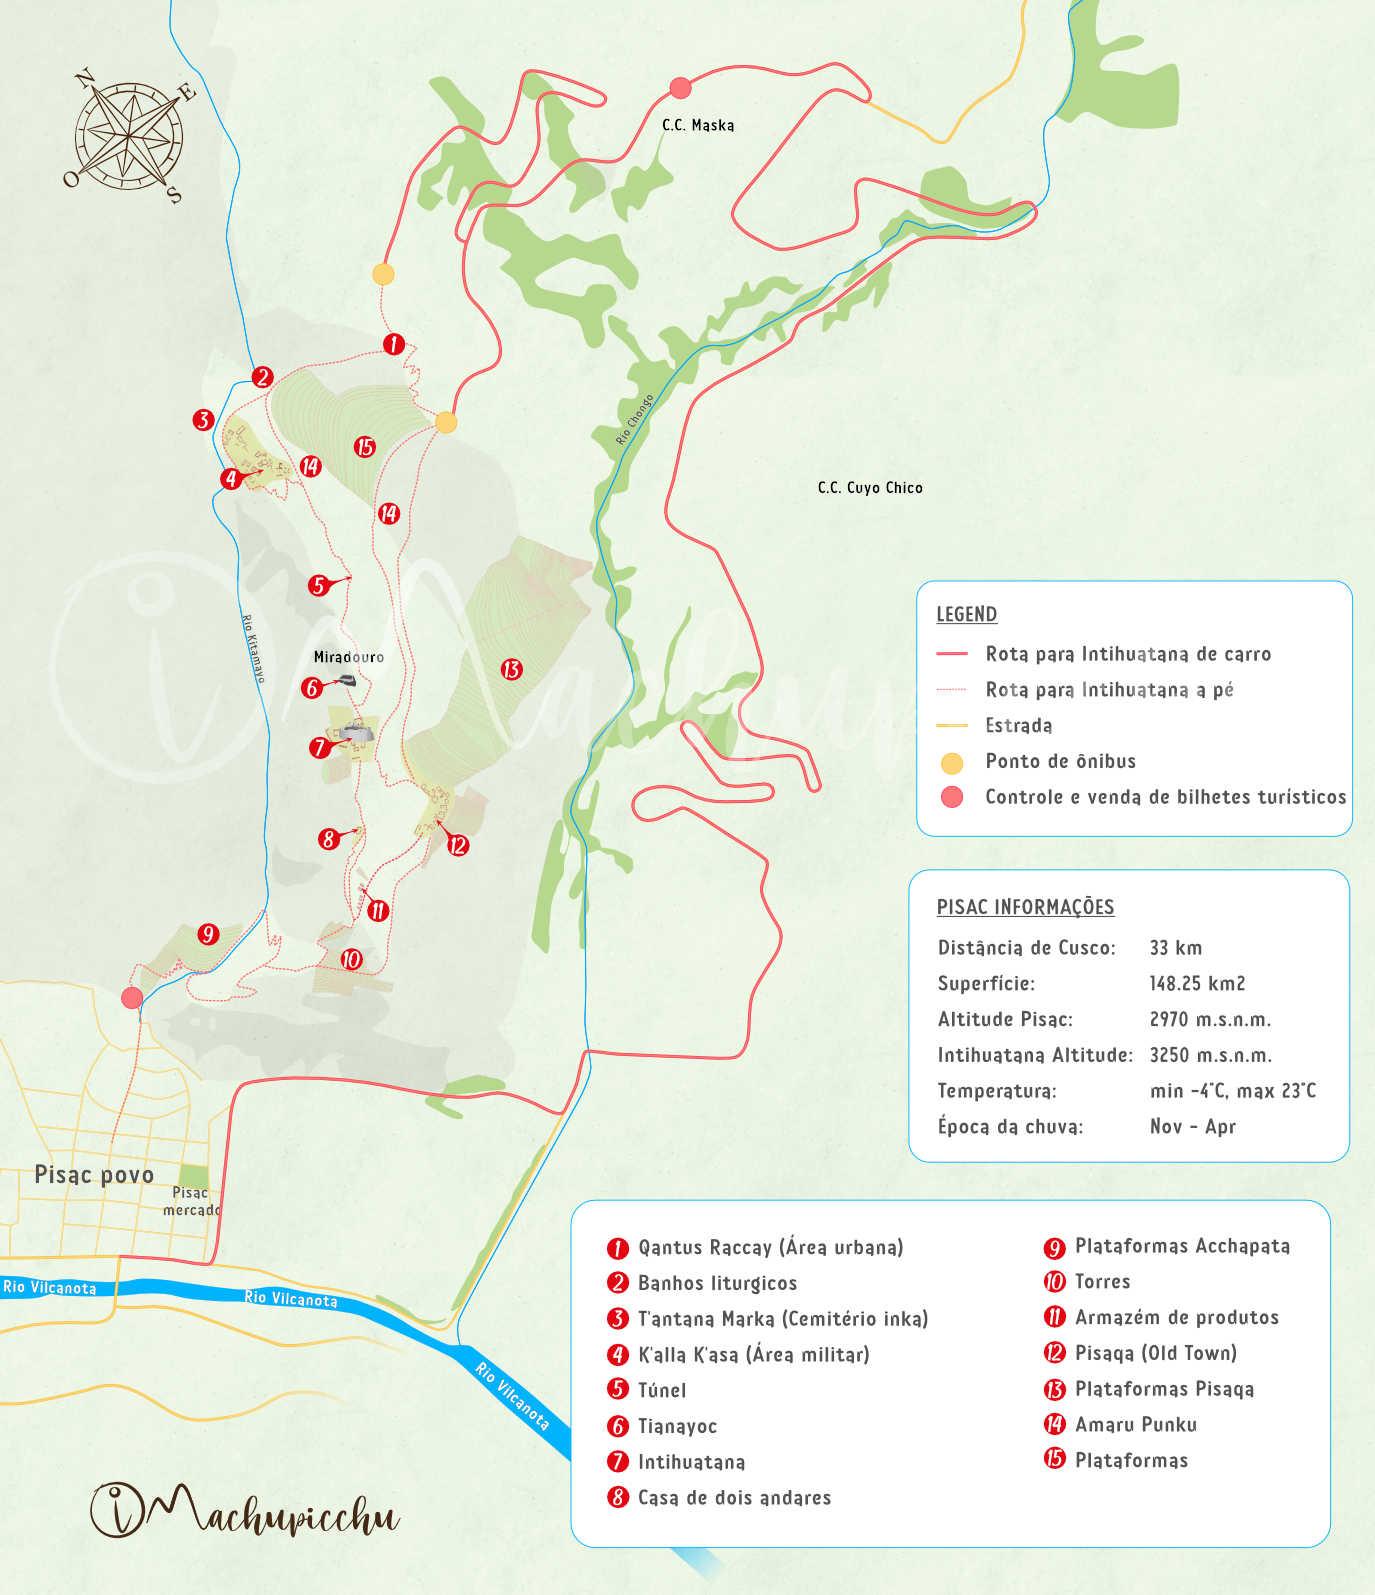 Mapa do percurso Sítio arqueológico de Pisac